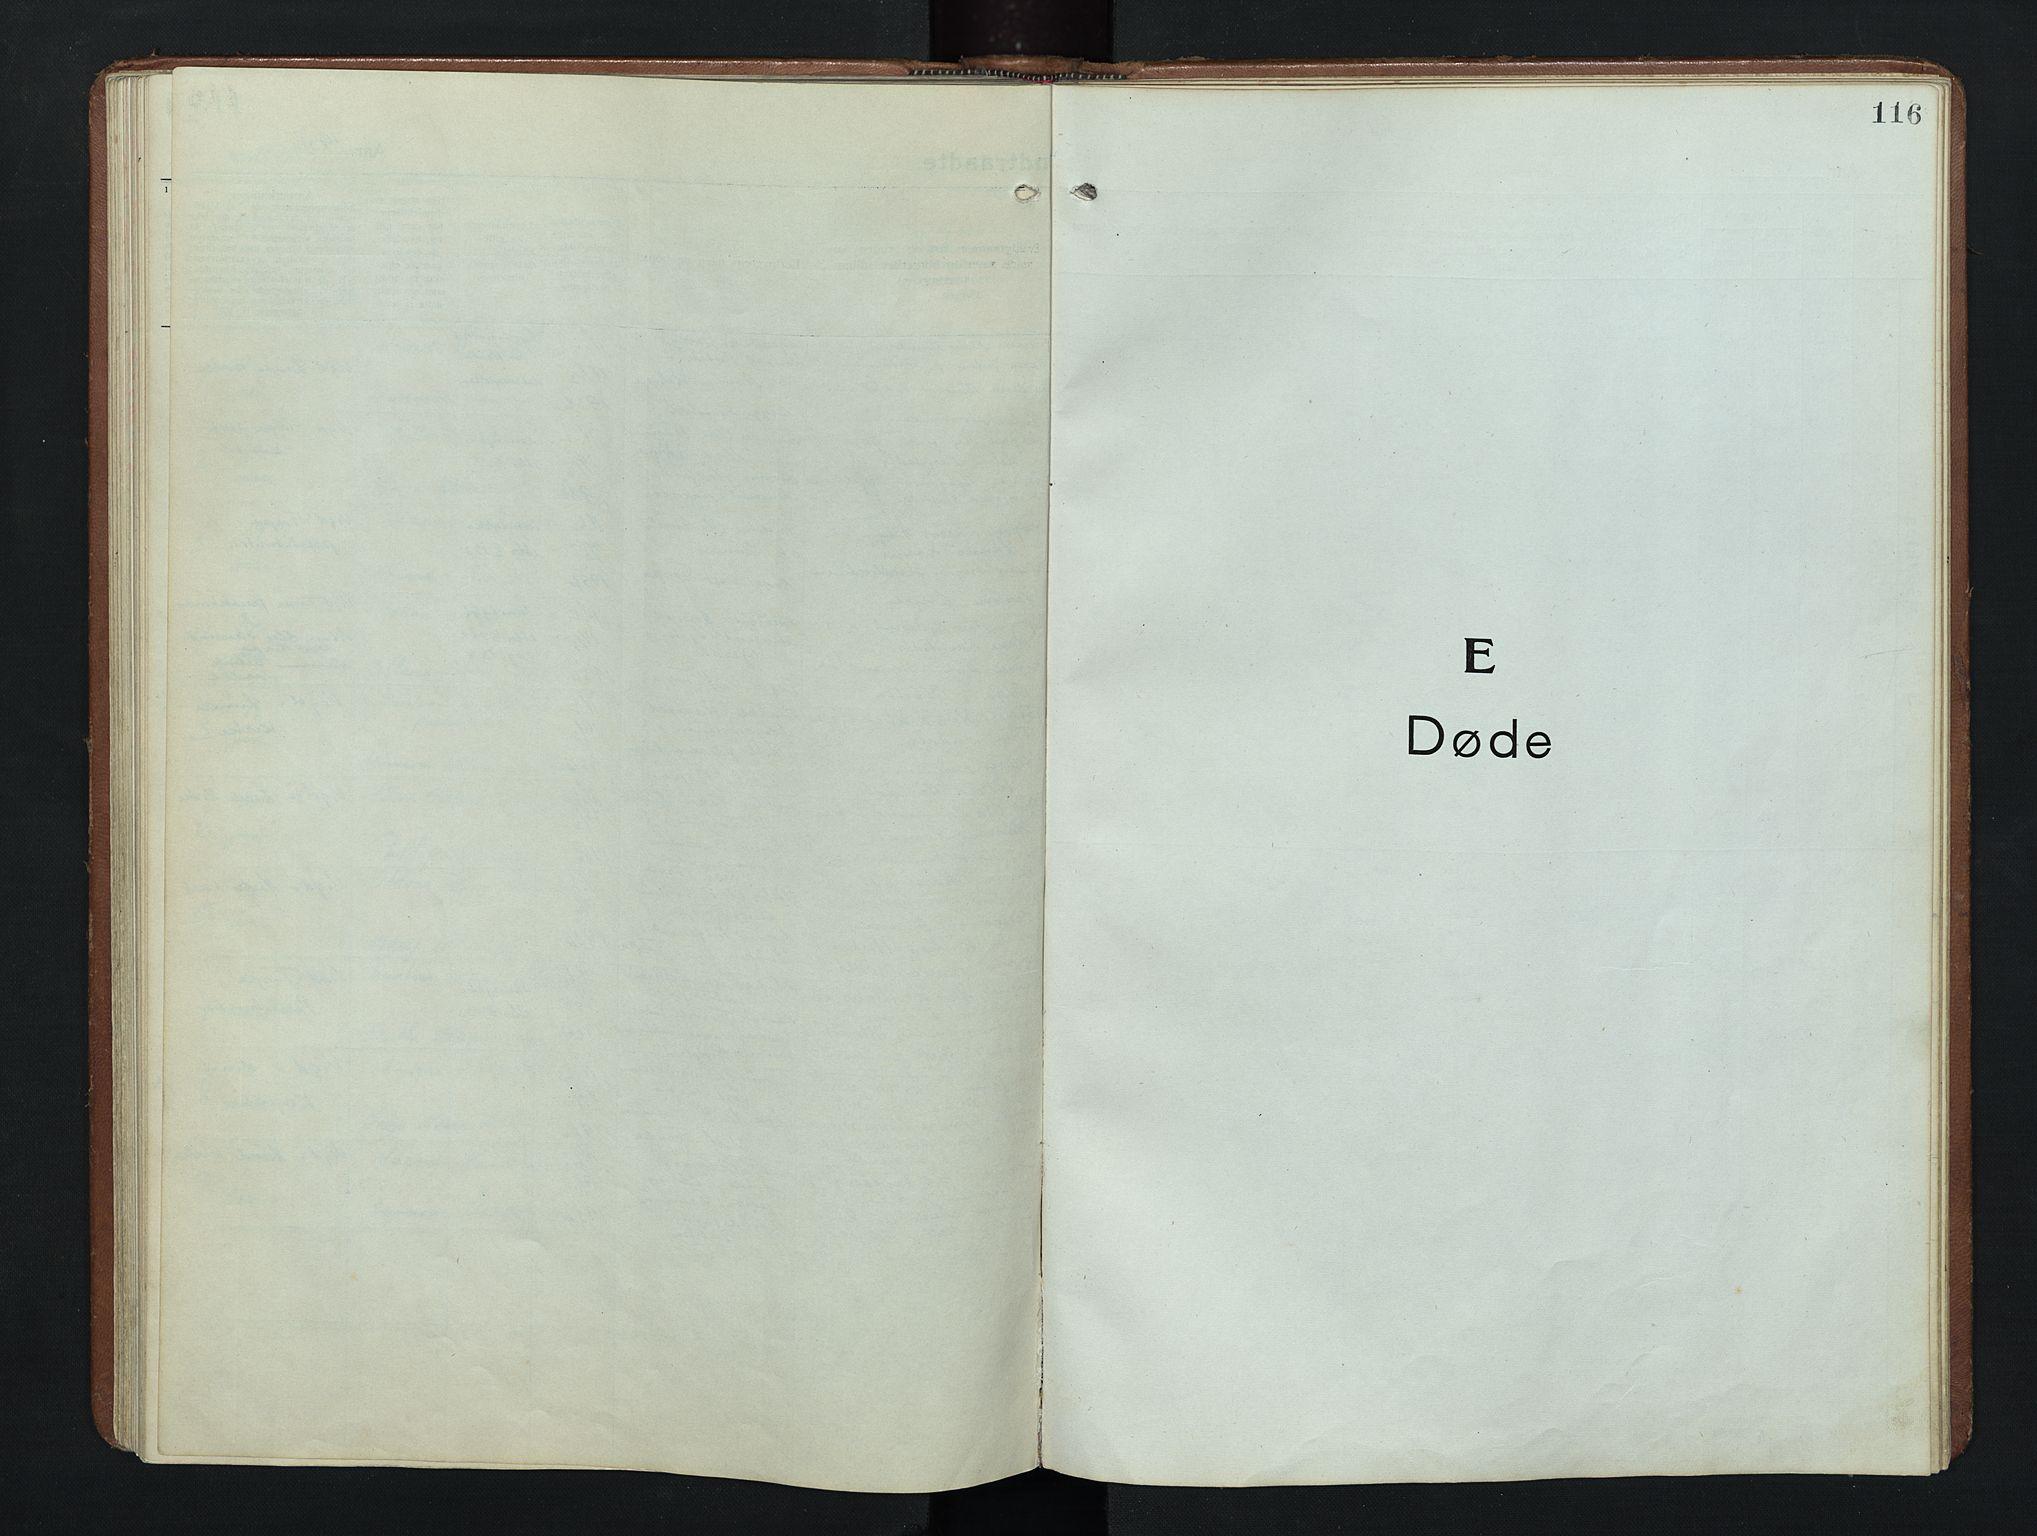 SAH, Nordre Land prestekontor, Klokkerbok nr. 9, 1921-1956, s. 116